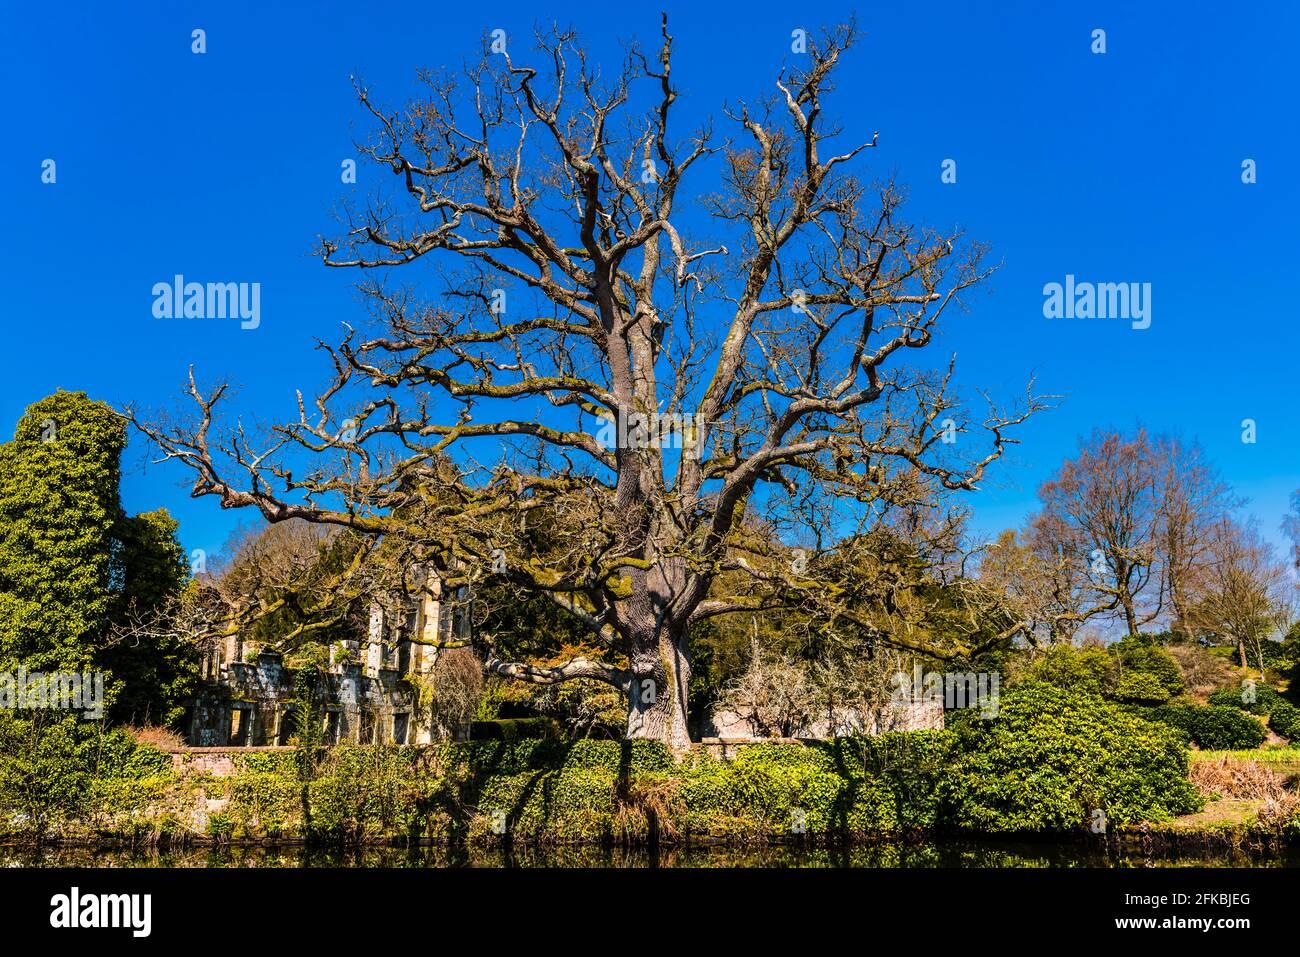 Gran árbol antiguo junto al lago en los terrenos del Castillo Scotney en Kent, Reino Unido Foto de stock